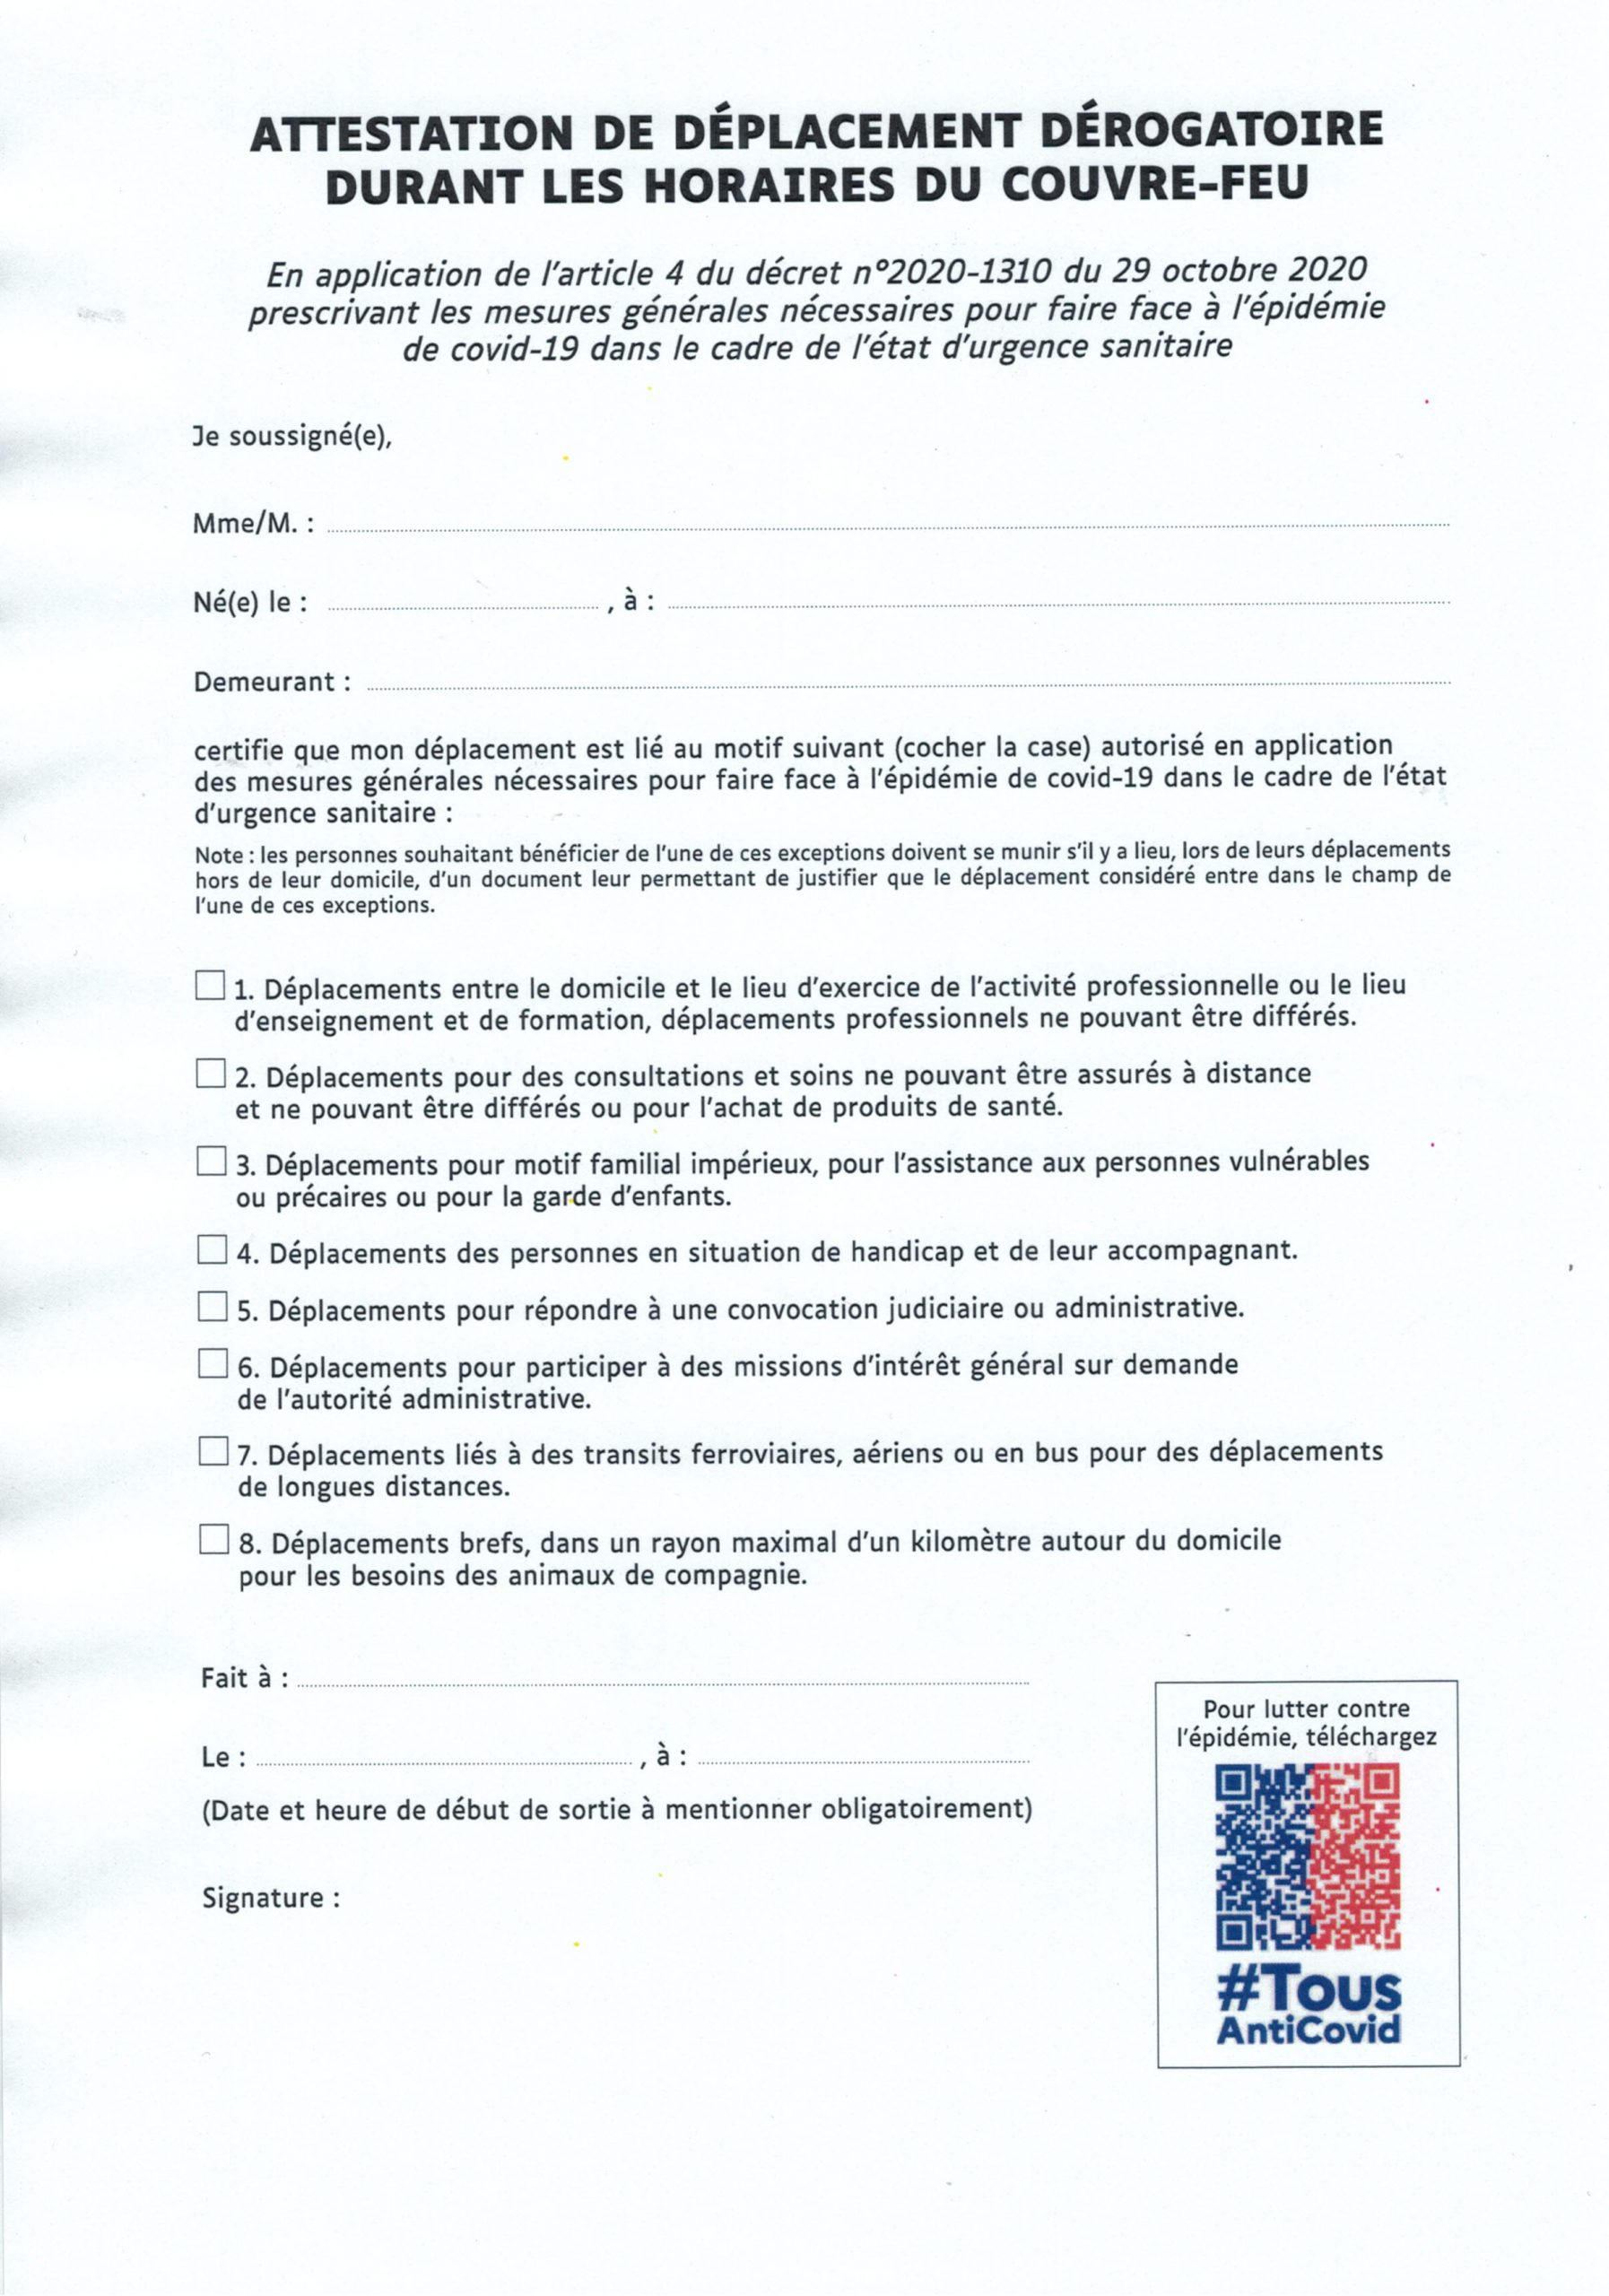 ATTESTATION DE DEPLACEMENT DEROGATOIRE COUVRE FEU